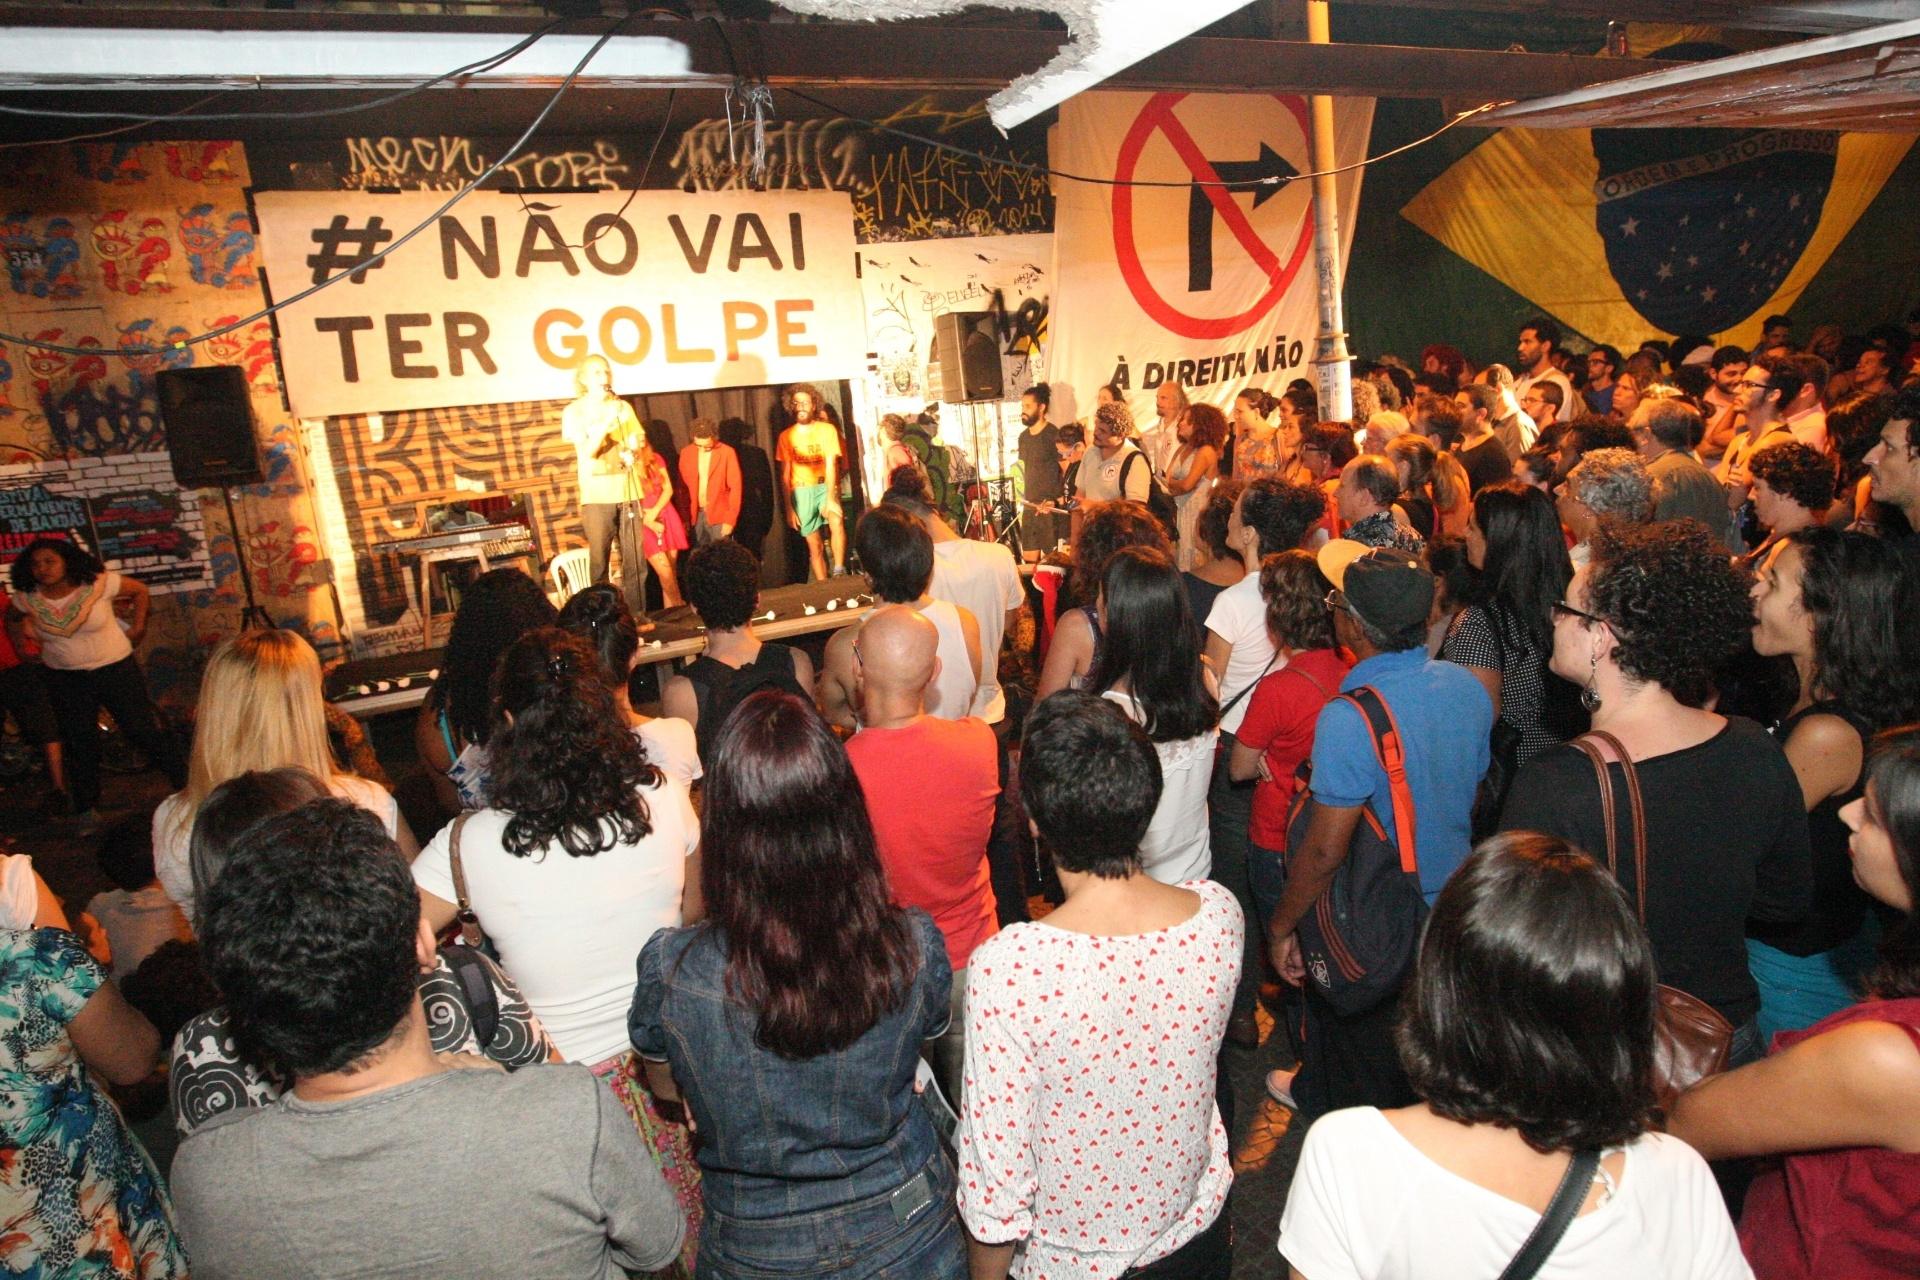 28.mar.2016 - Ativistas do meio artístico e cultural fazem ato de apoio à presidente Dilma Rousseff em Belo Horizonte